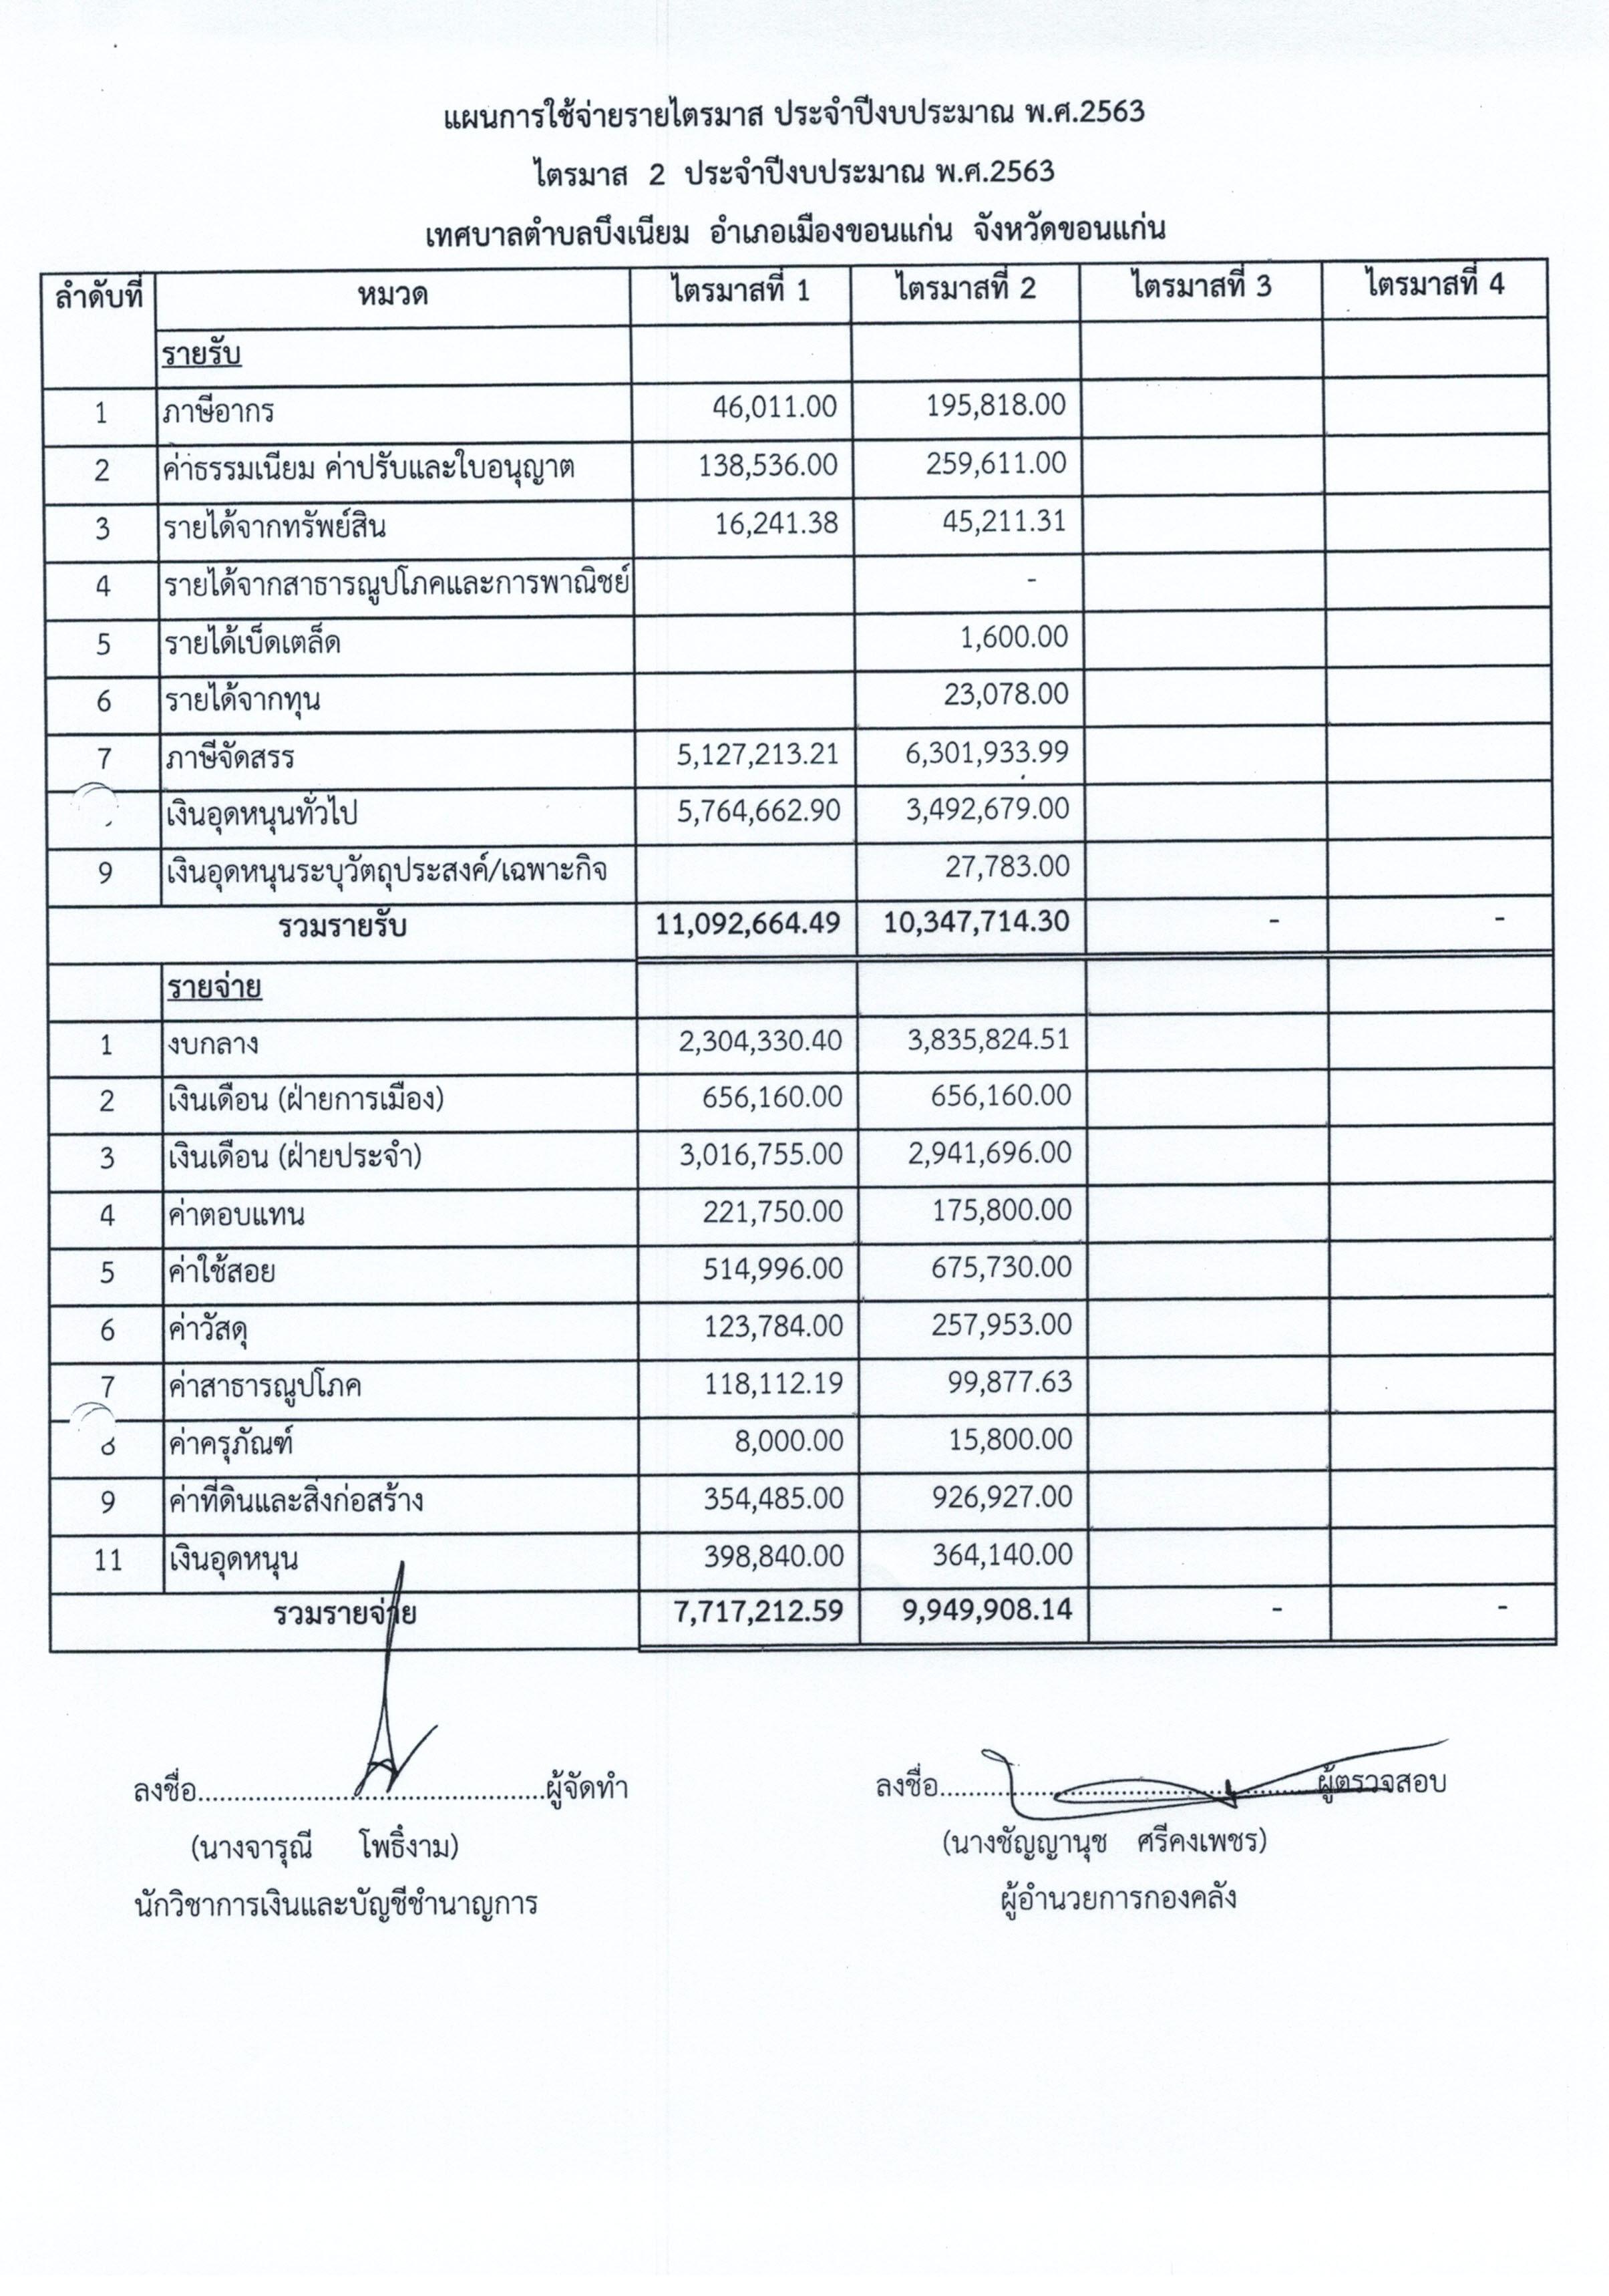 รายงานการกำกับติดตามการใช้จ่ายงบประมาณประจำปี 2563 รอบ6เดือน19062563_0001